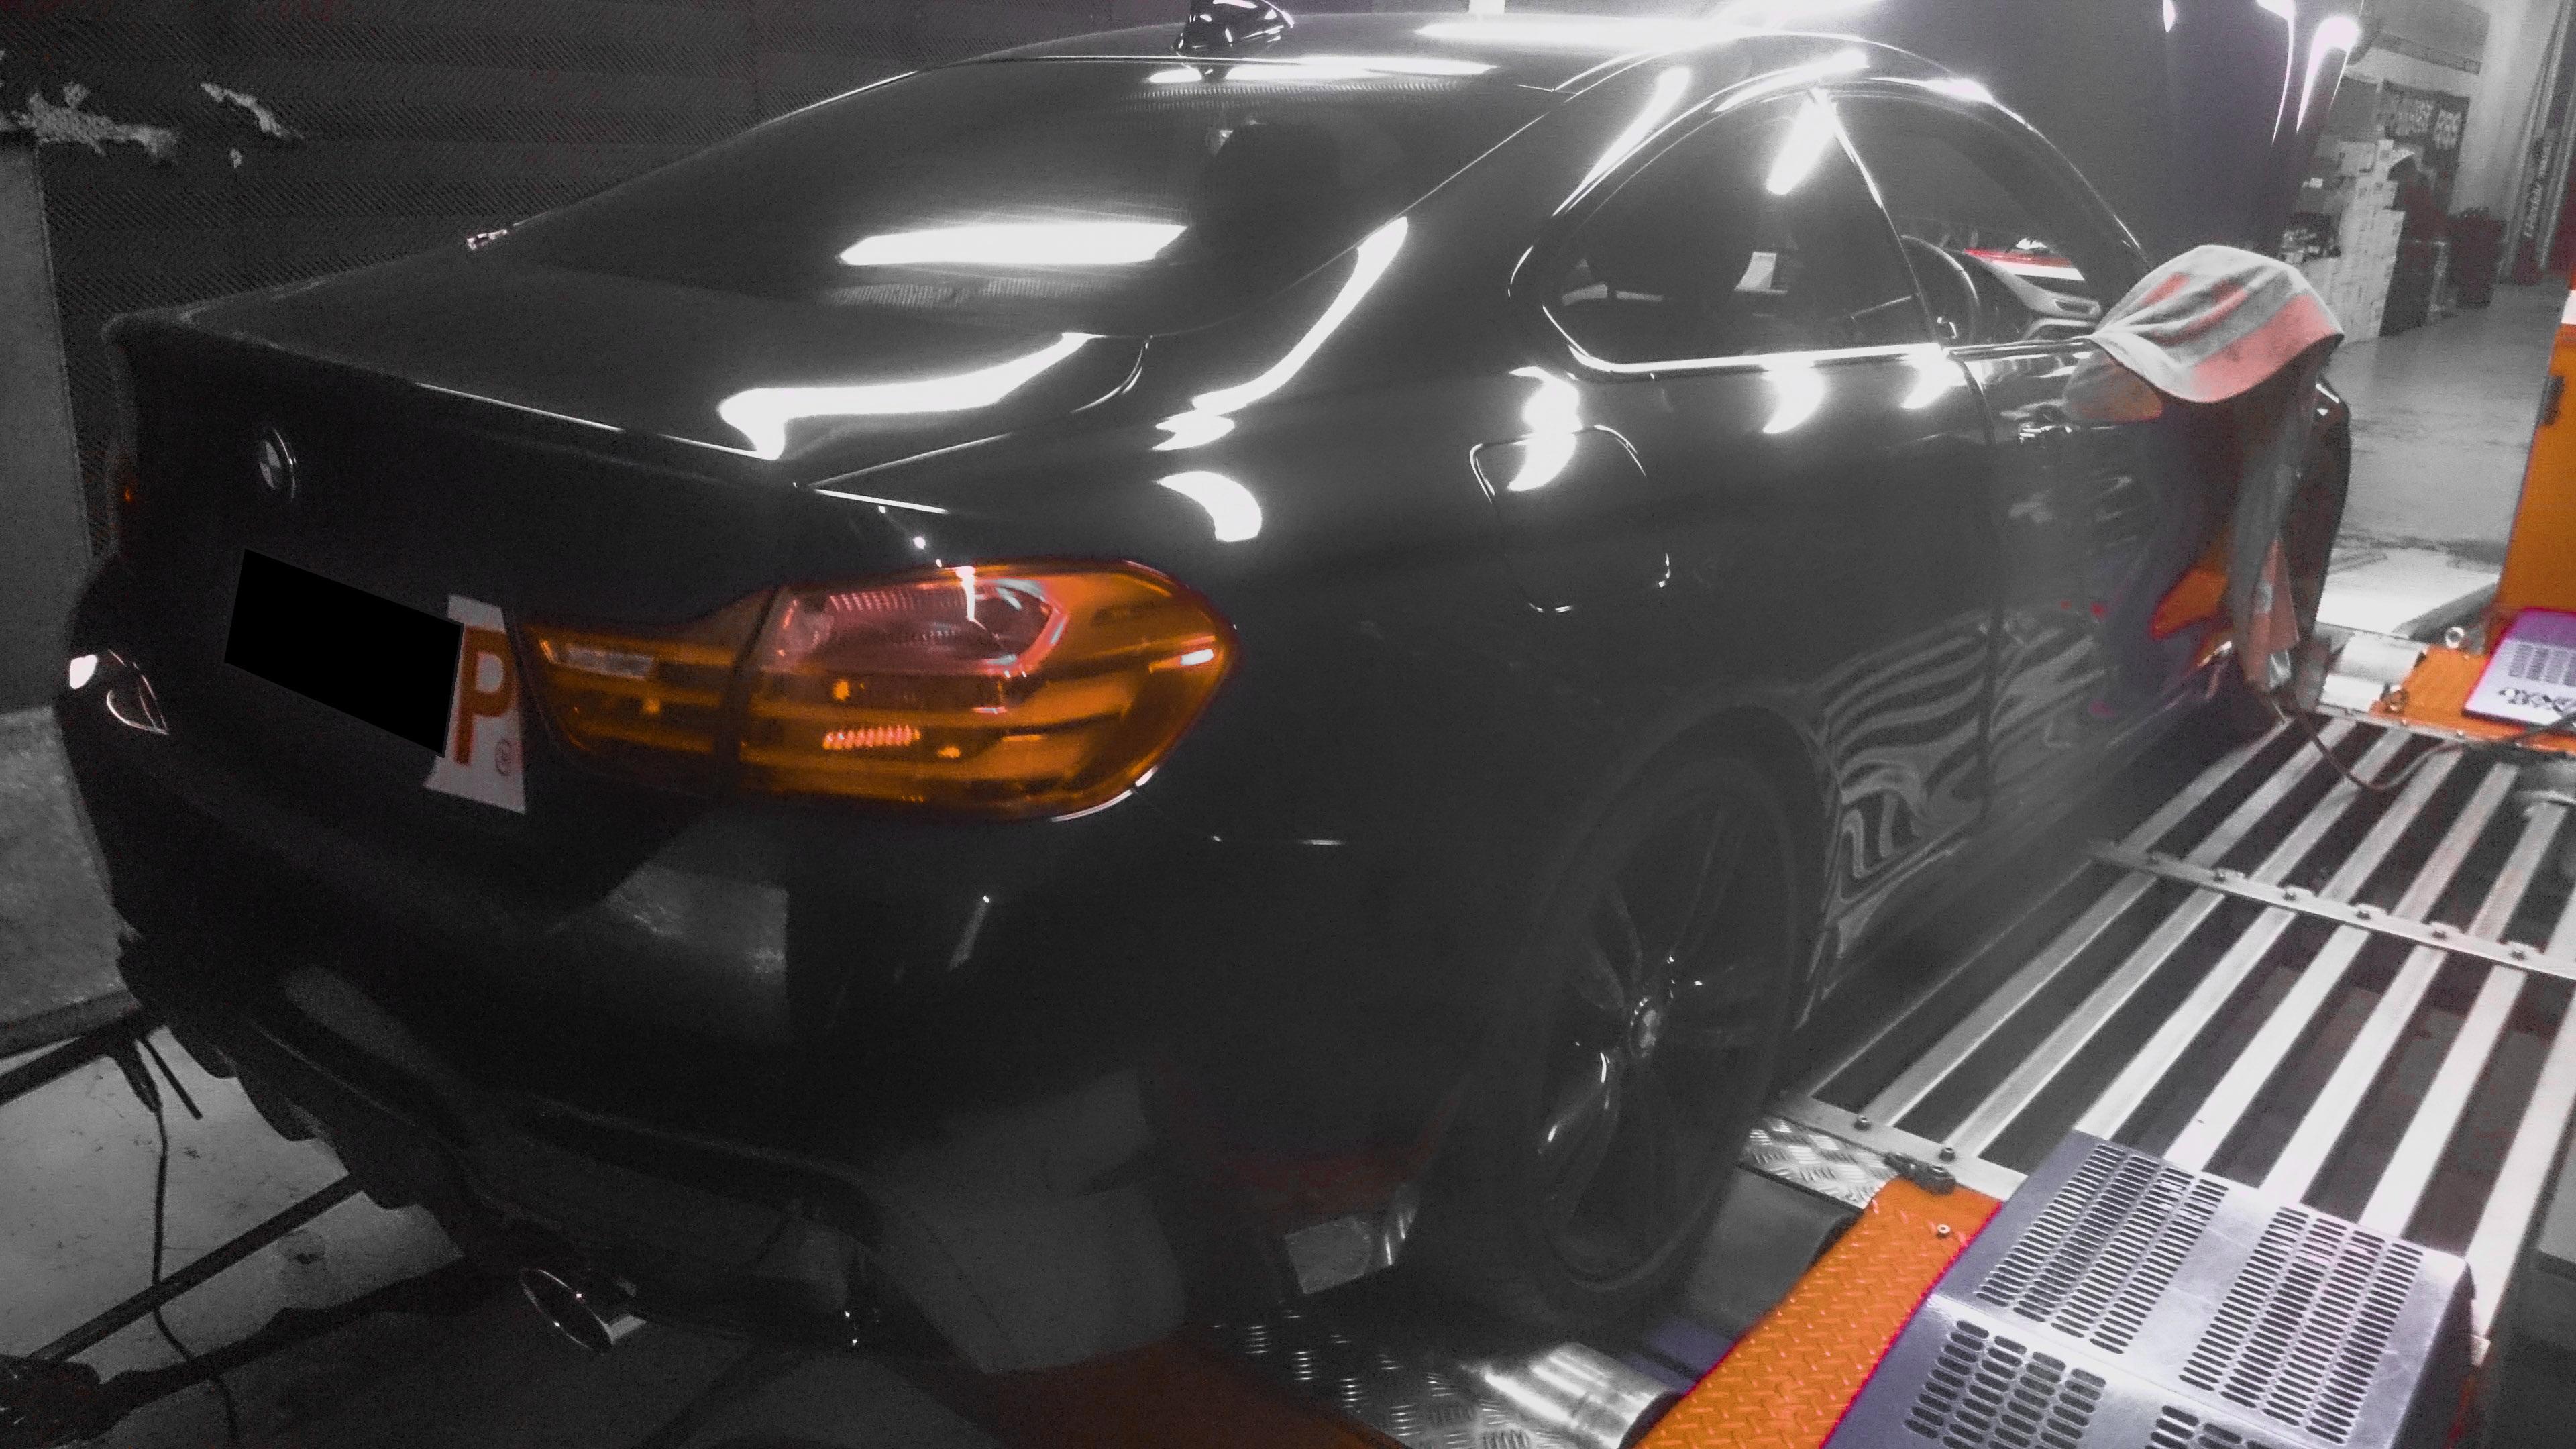 BMW 420i (N20B20) ECU Tuning – Dyno Tested – OE Tuning Blog